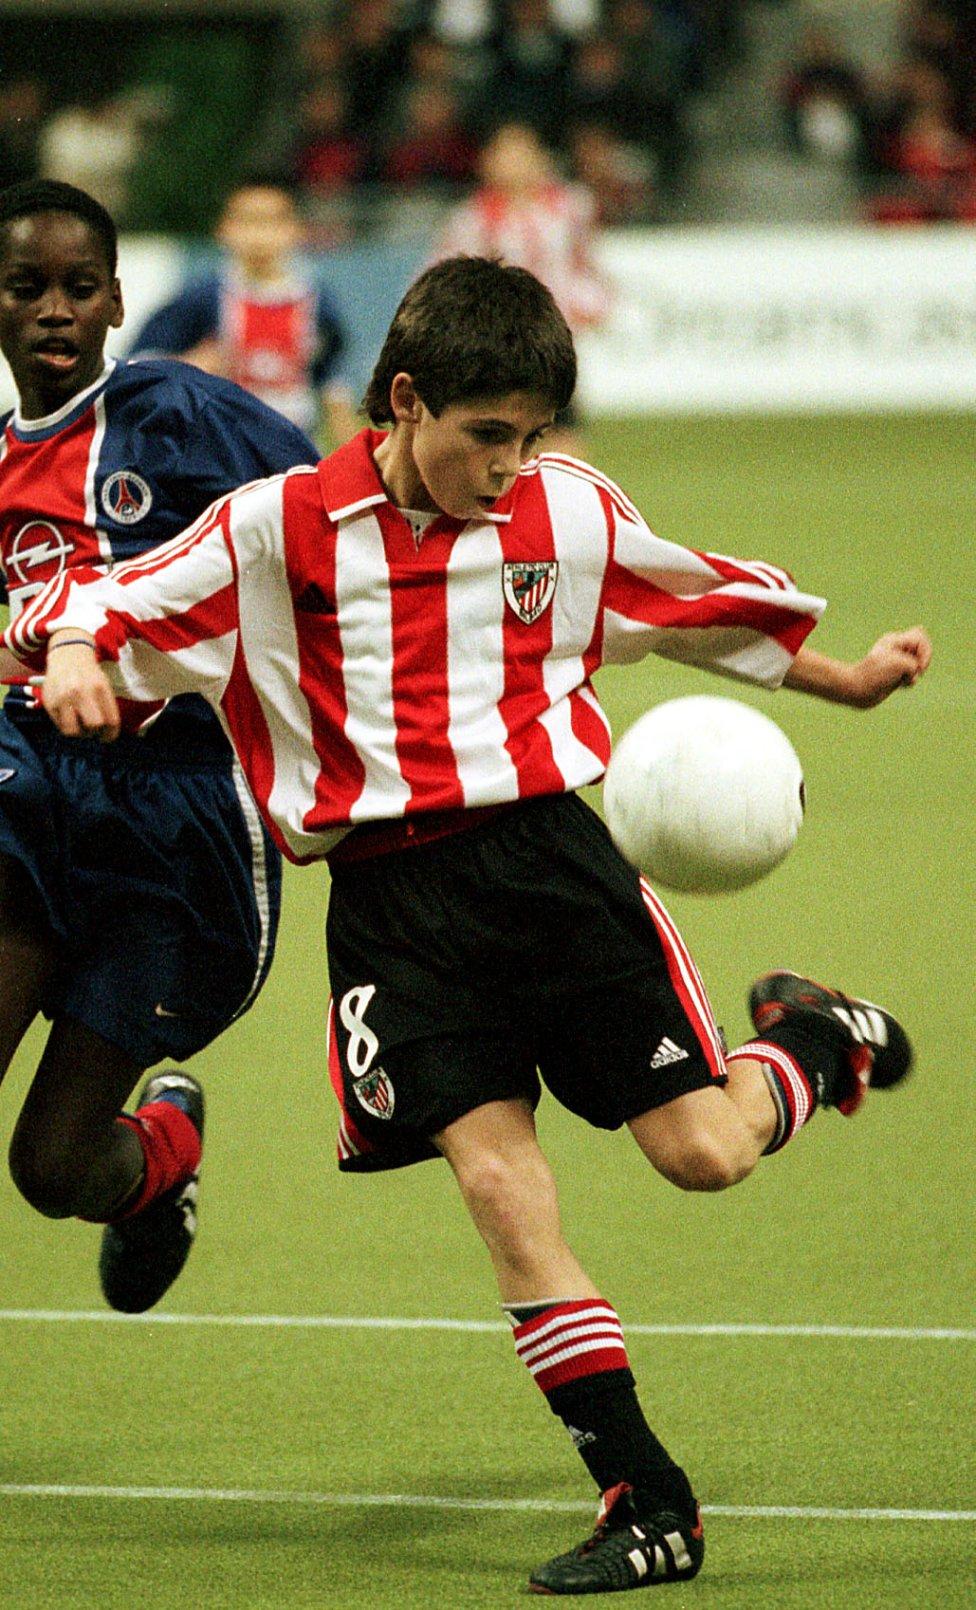 Estrellas del fútbol que jugaron de niños en torneos de fútbol 7. Markel Susaeta